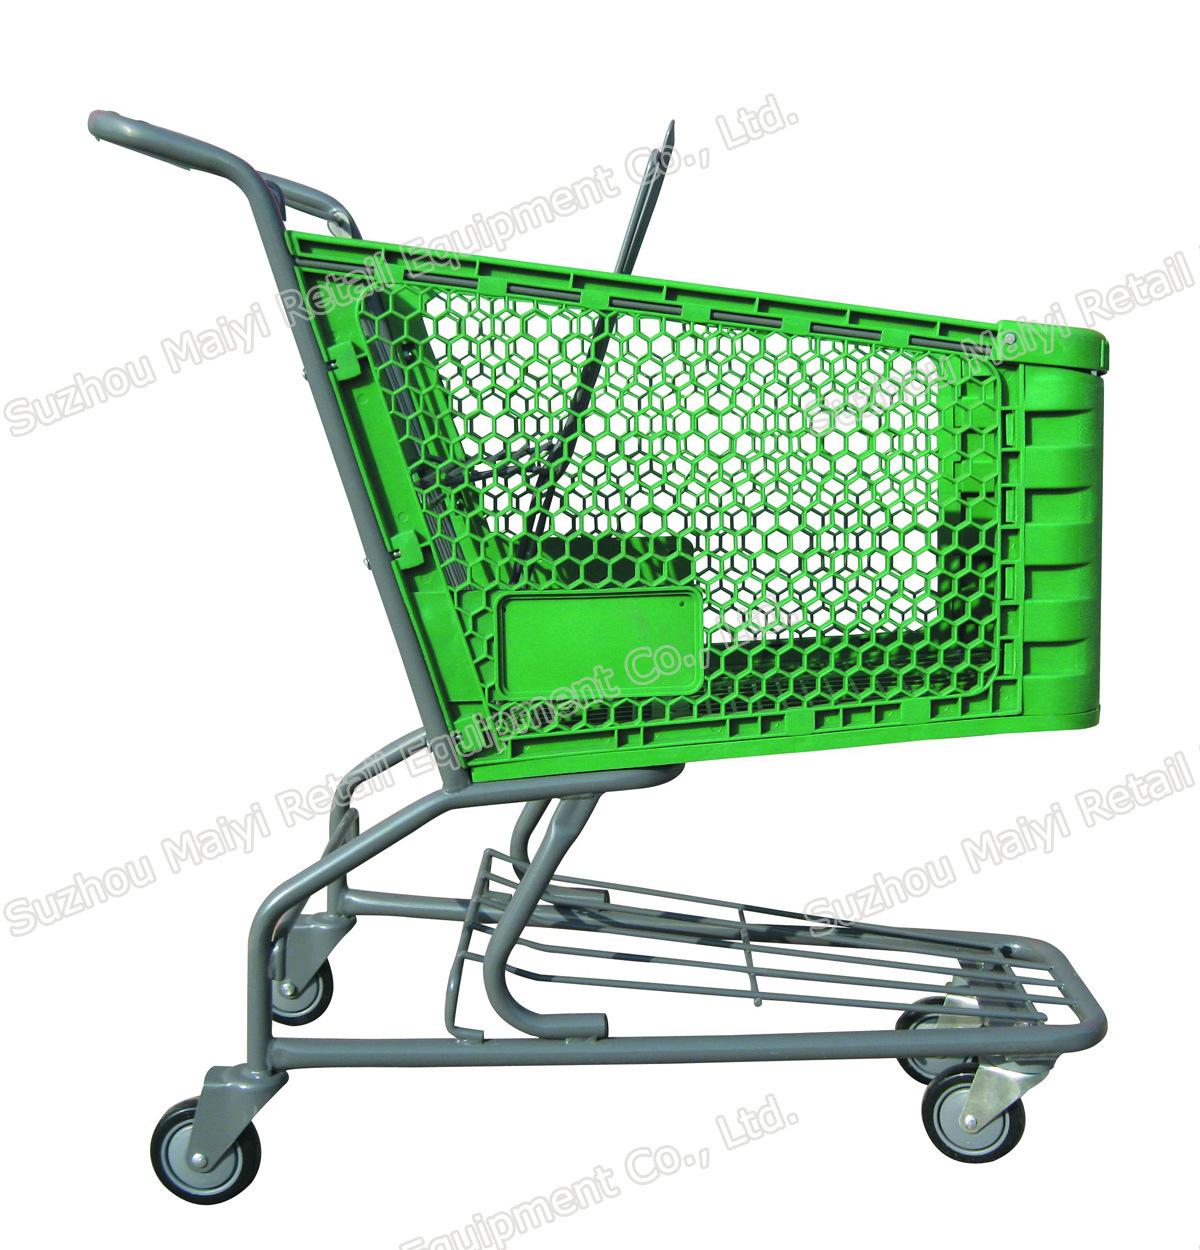 Plastic Supermarket Convenient Retail Store Shopping Cart